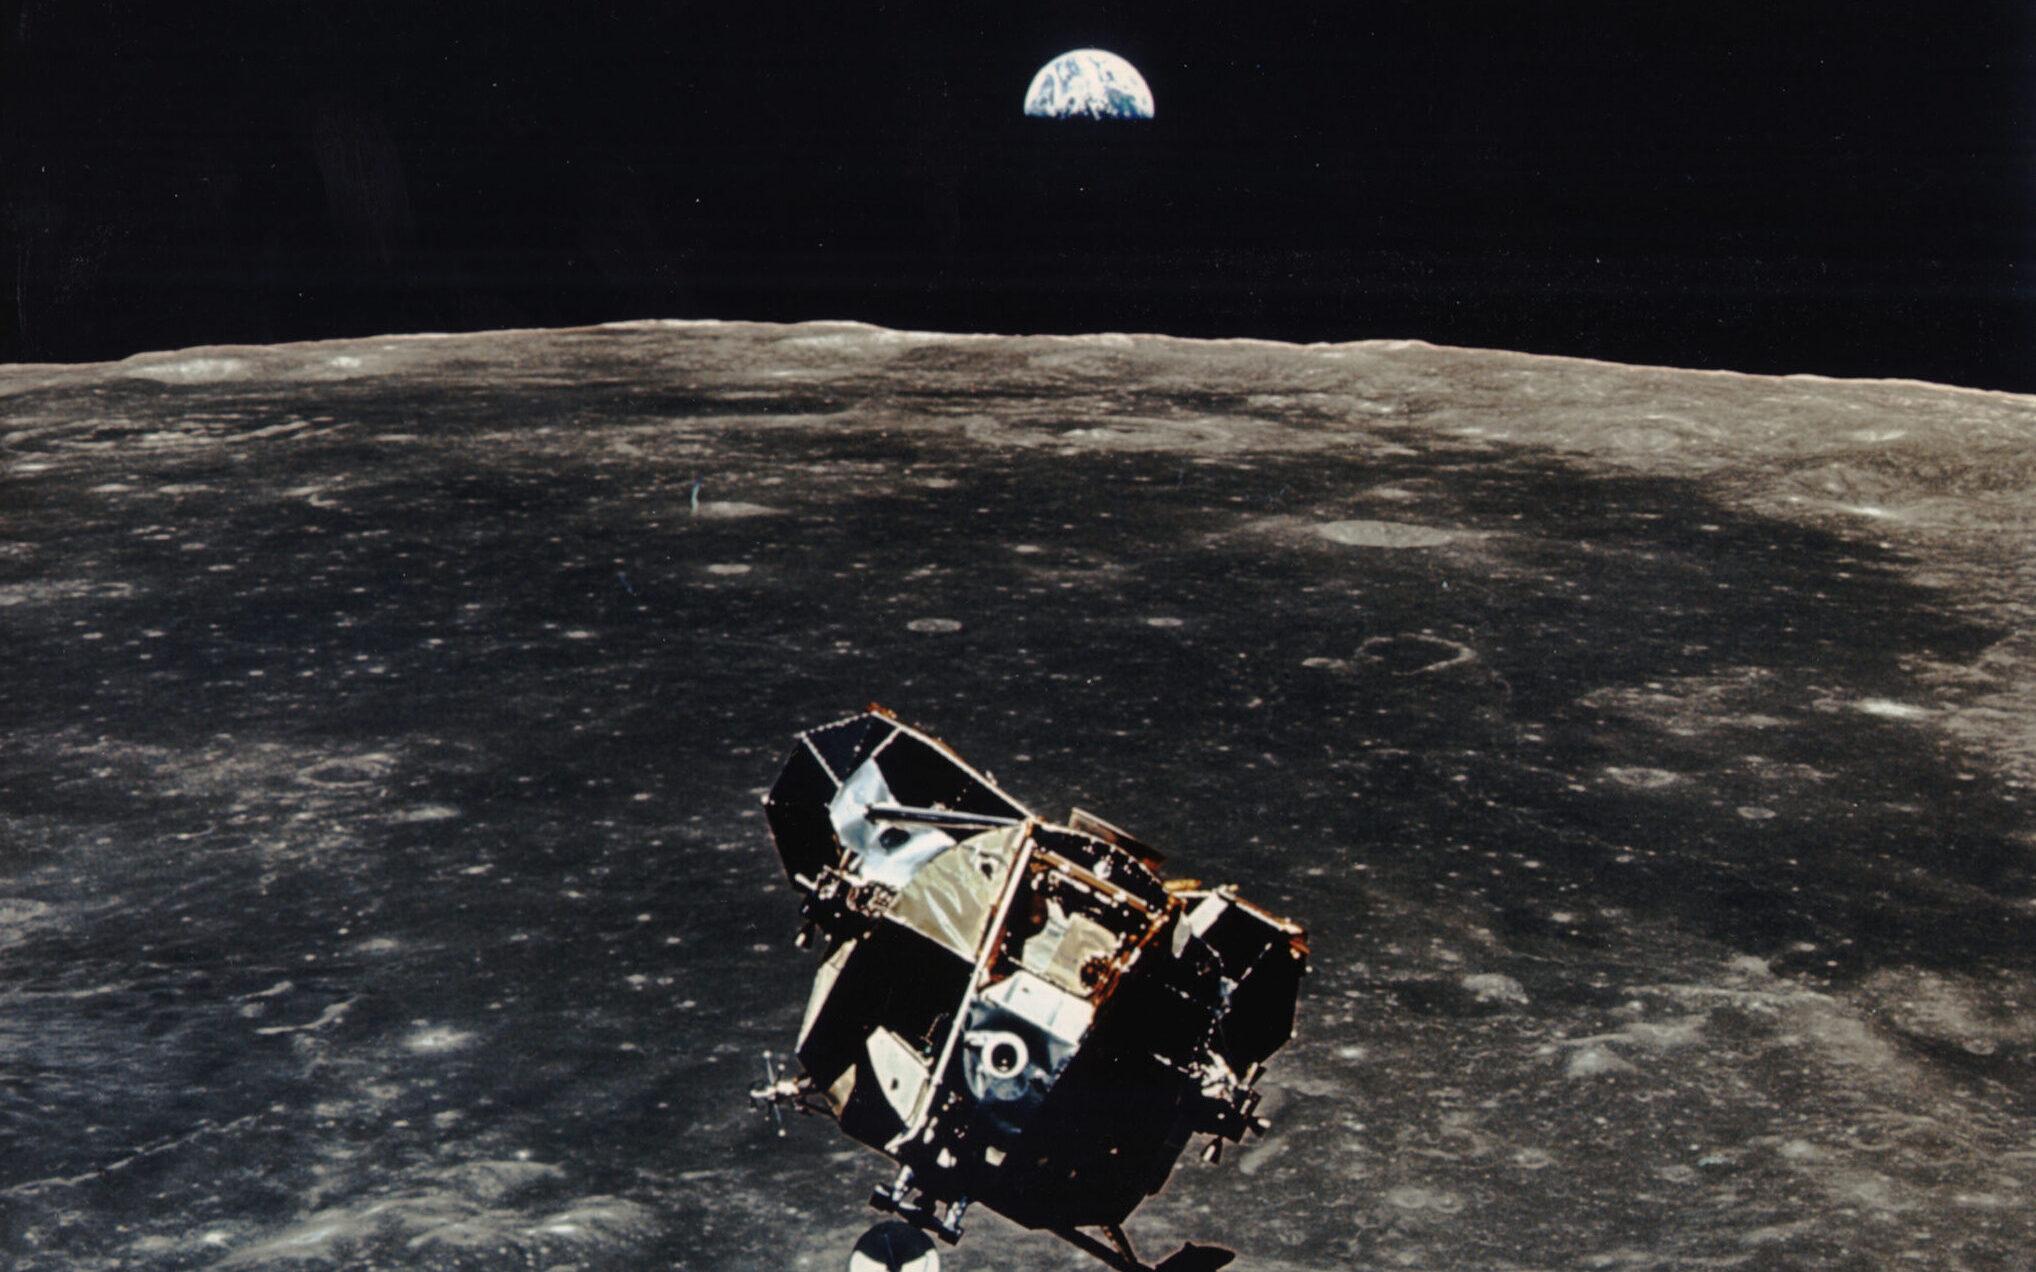 Die Mondlandefähre über dem Mond und die Erde im Hintergrund